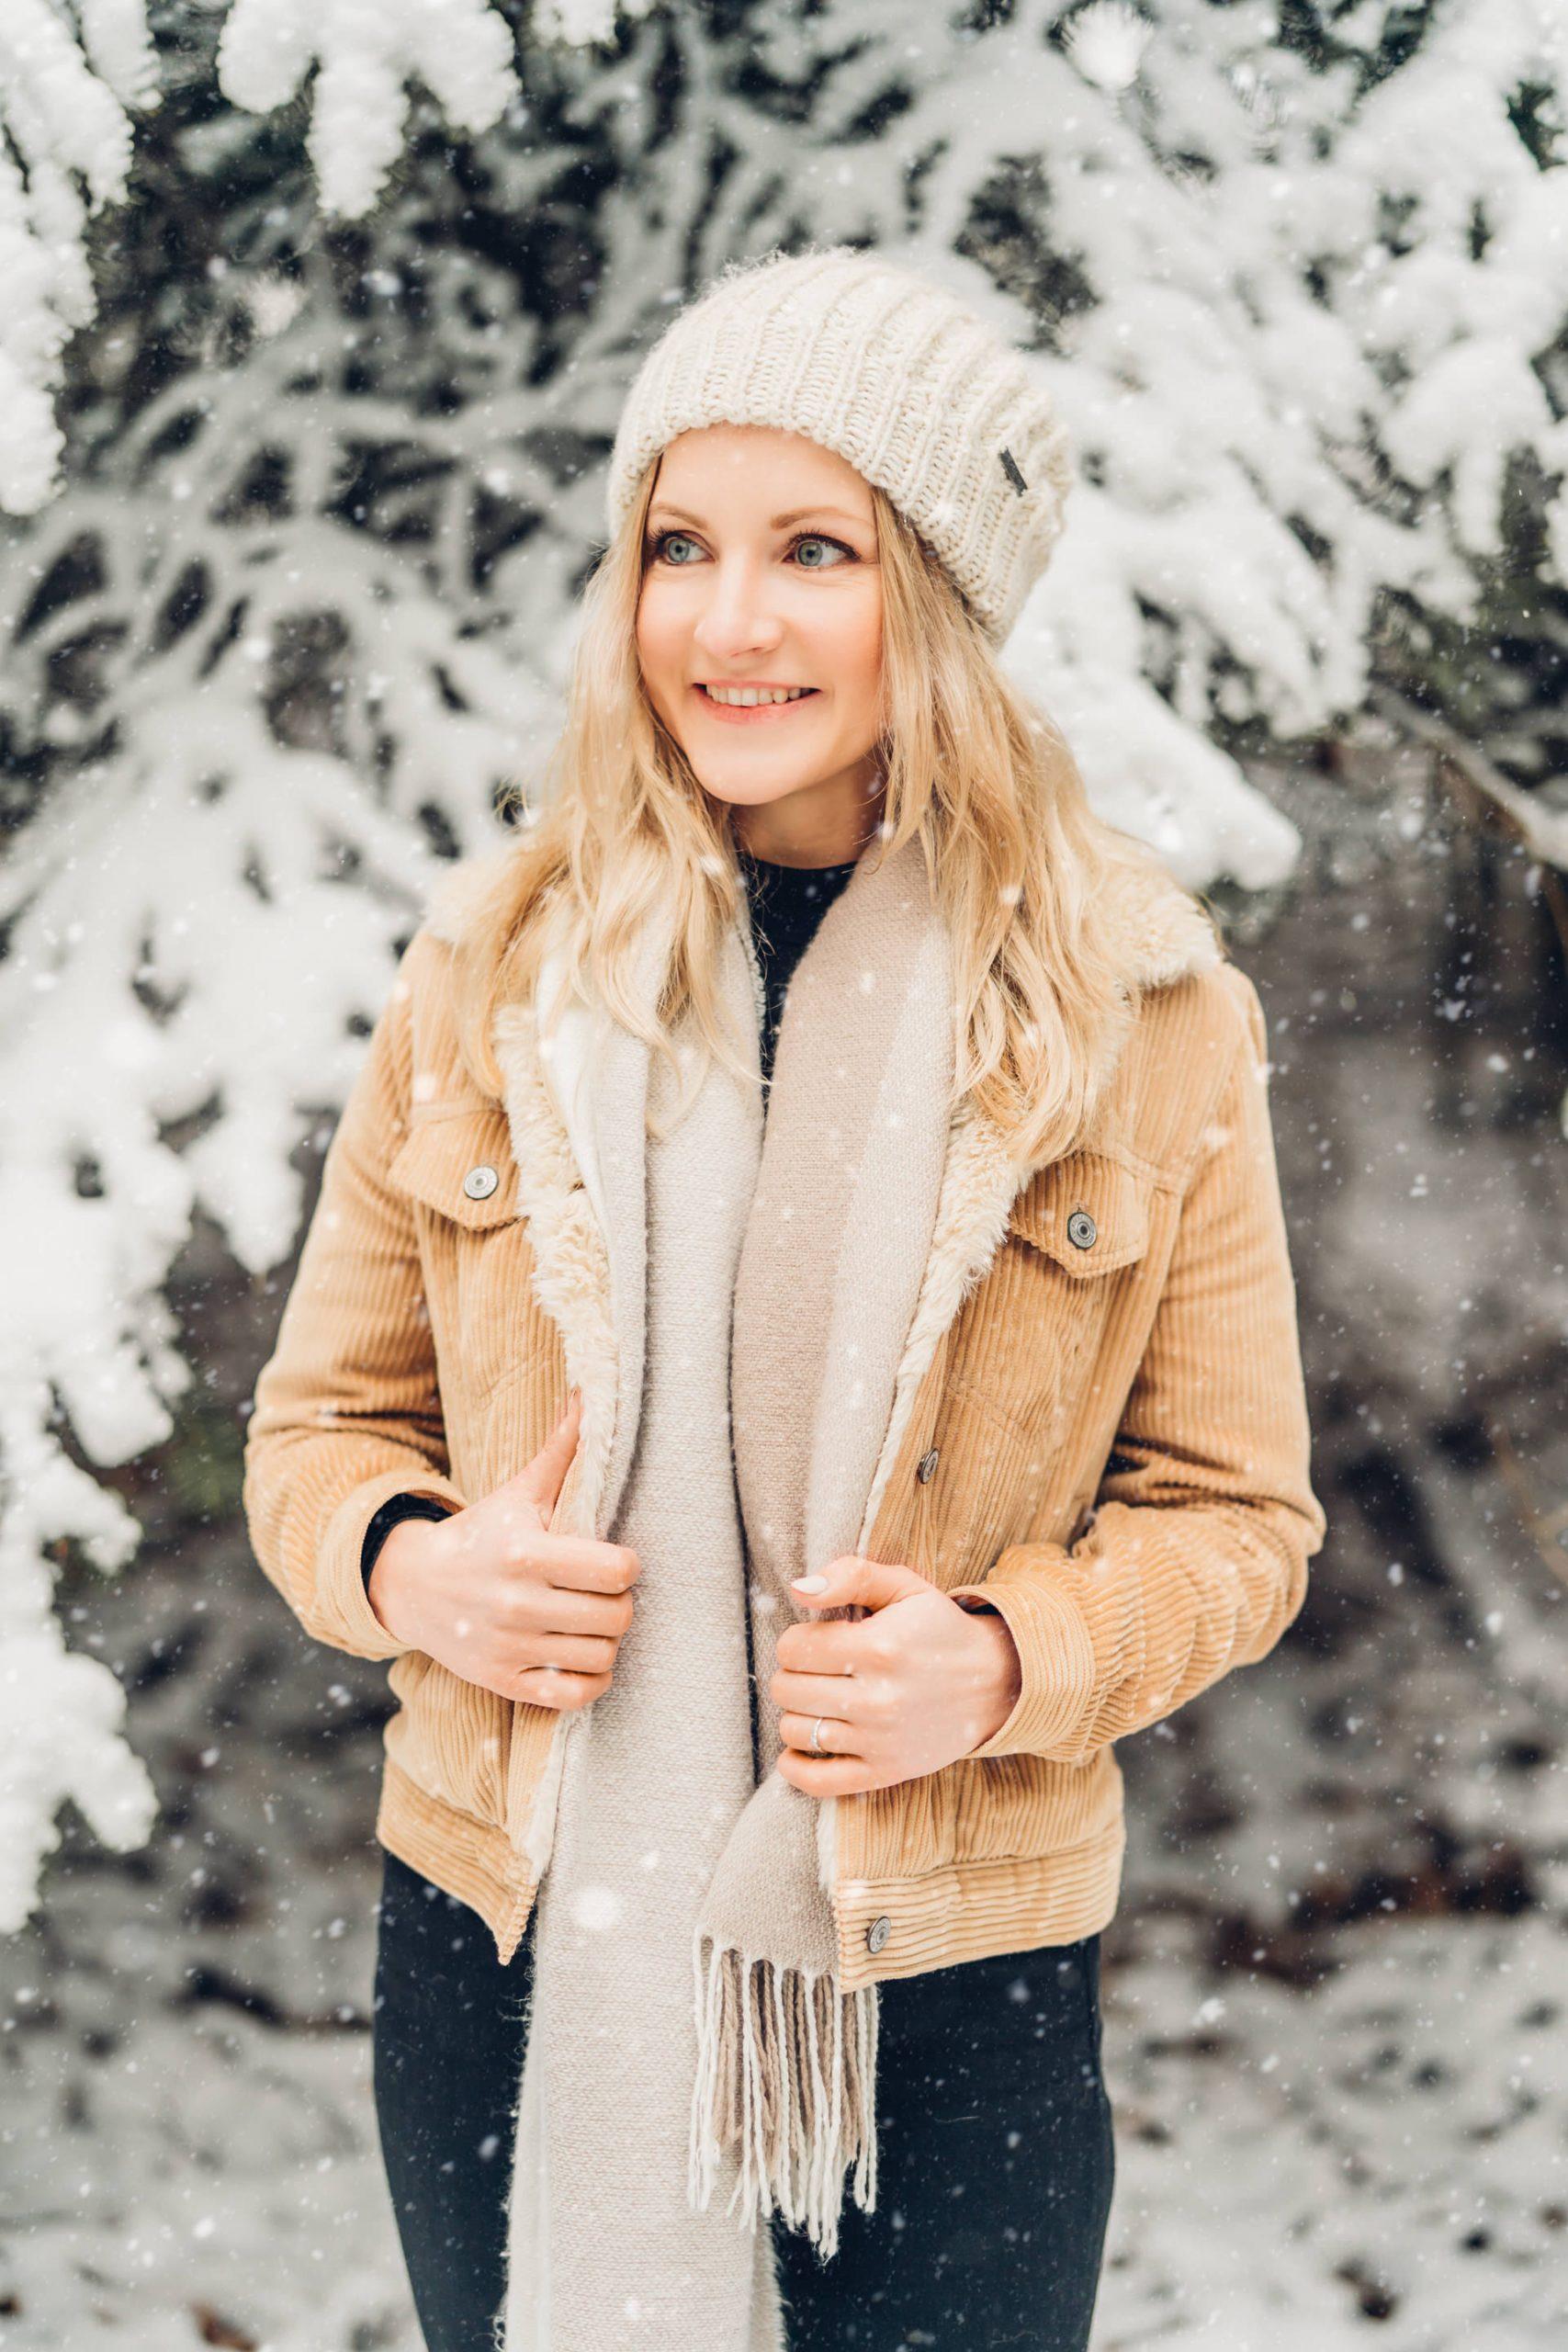 Wintershooting im Schnee